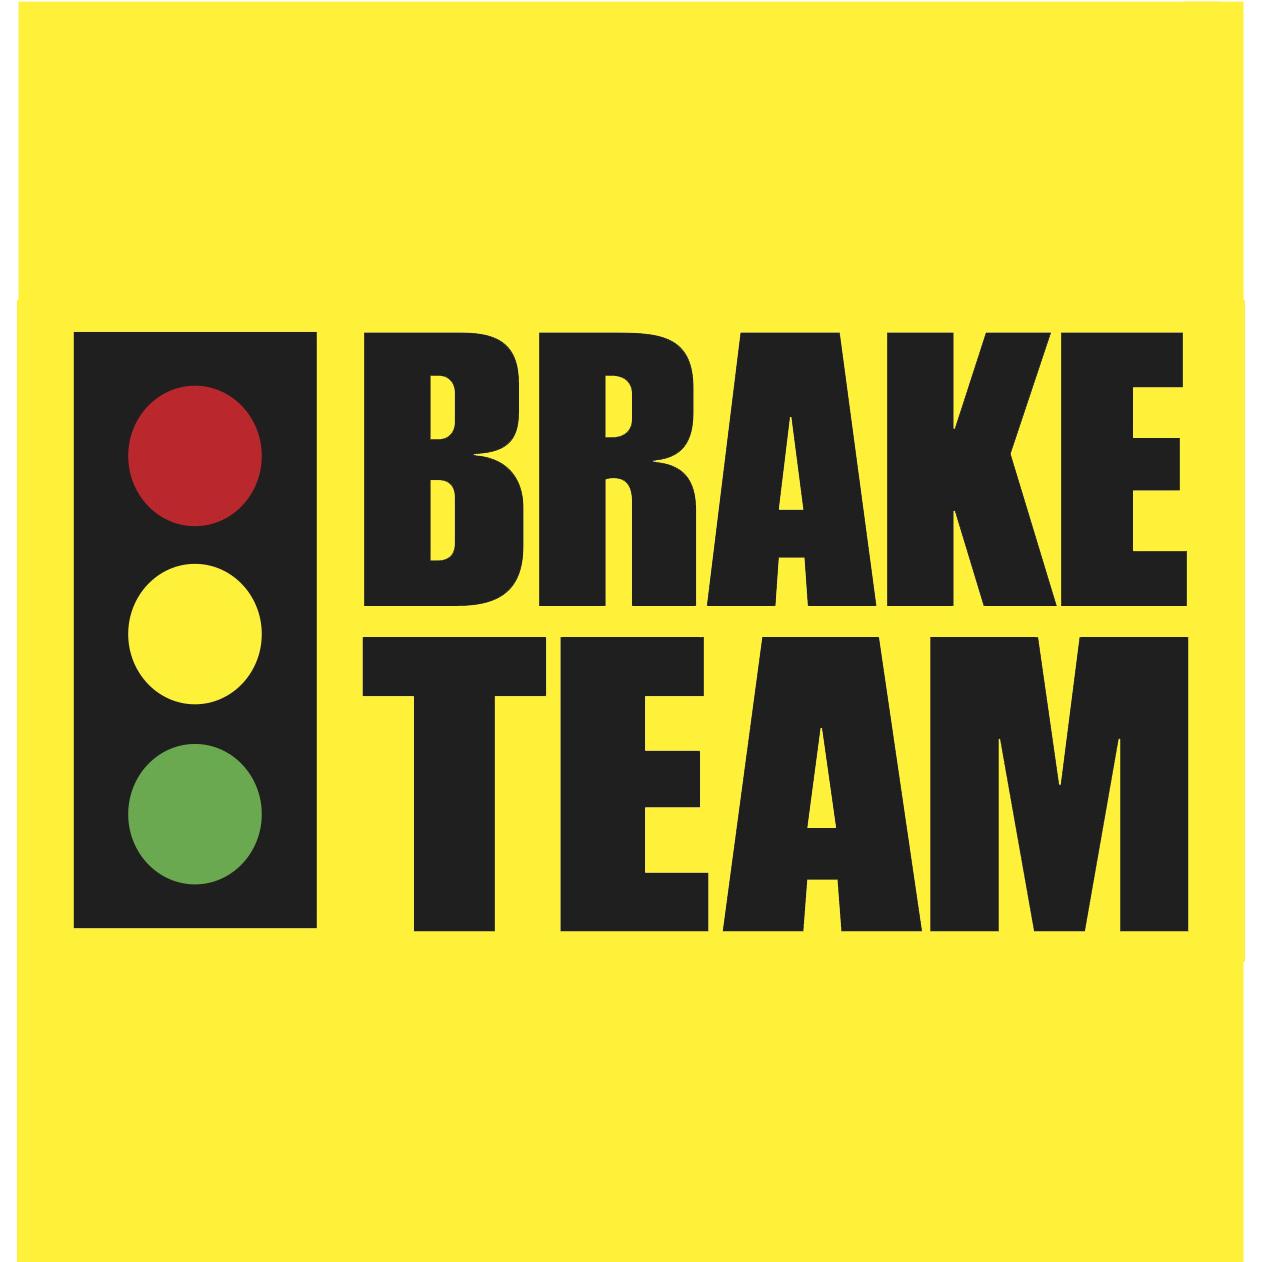 Brake Team image 5